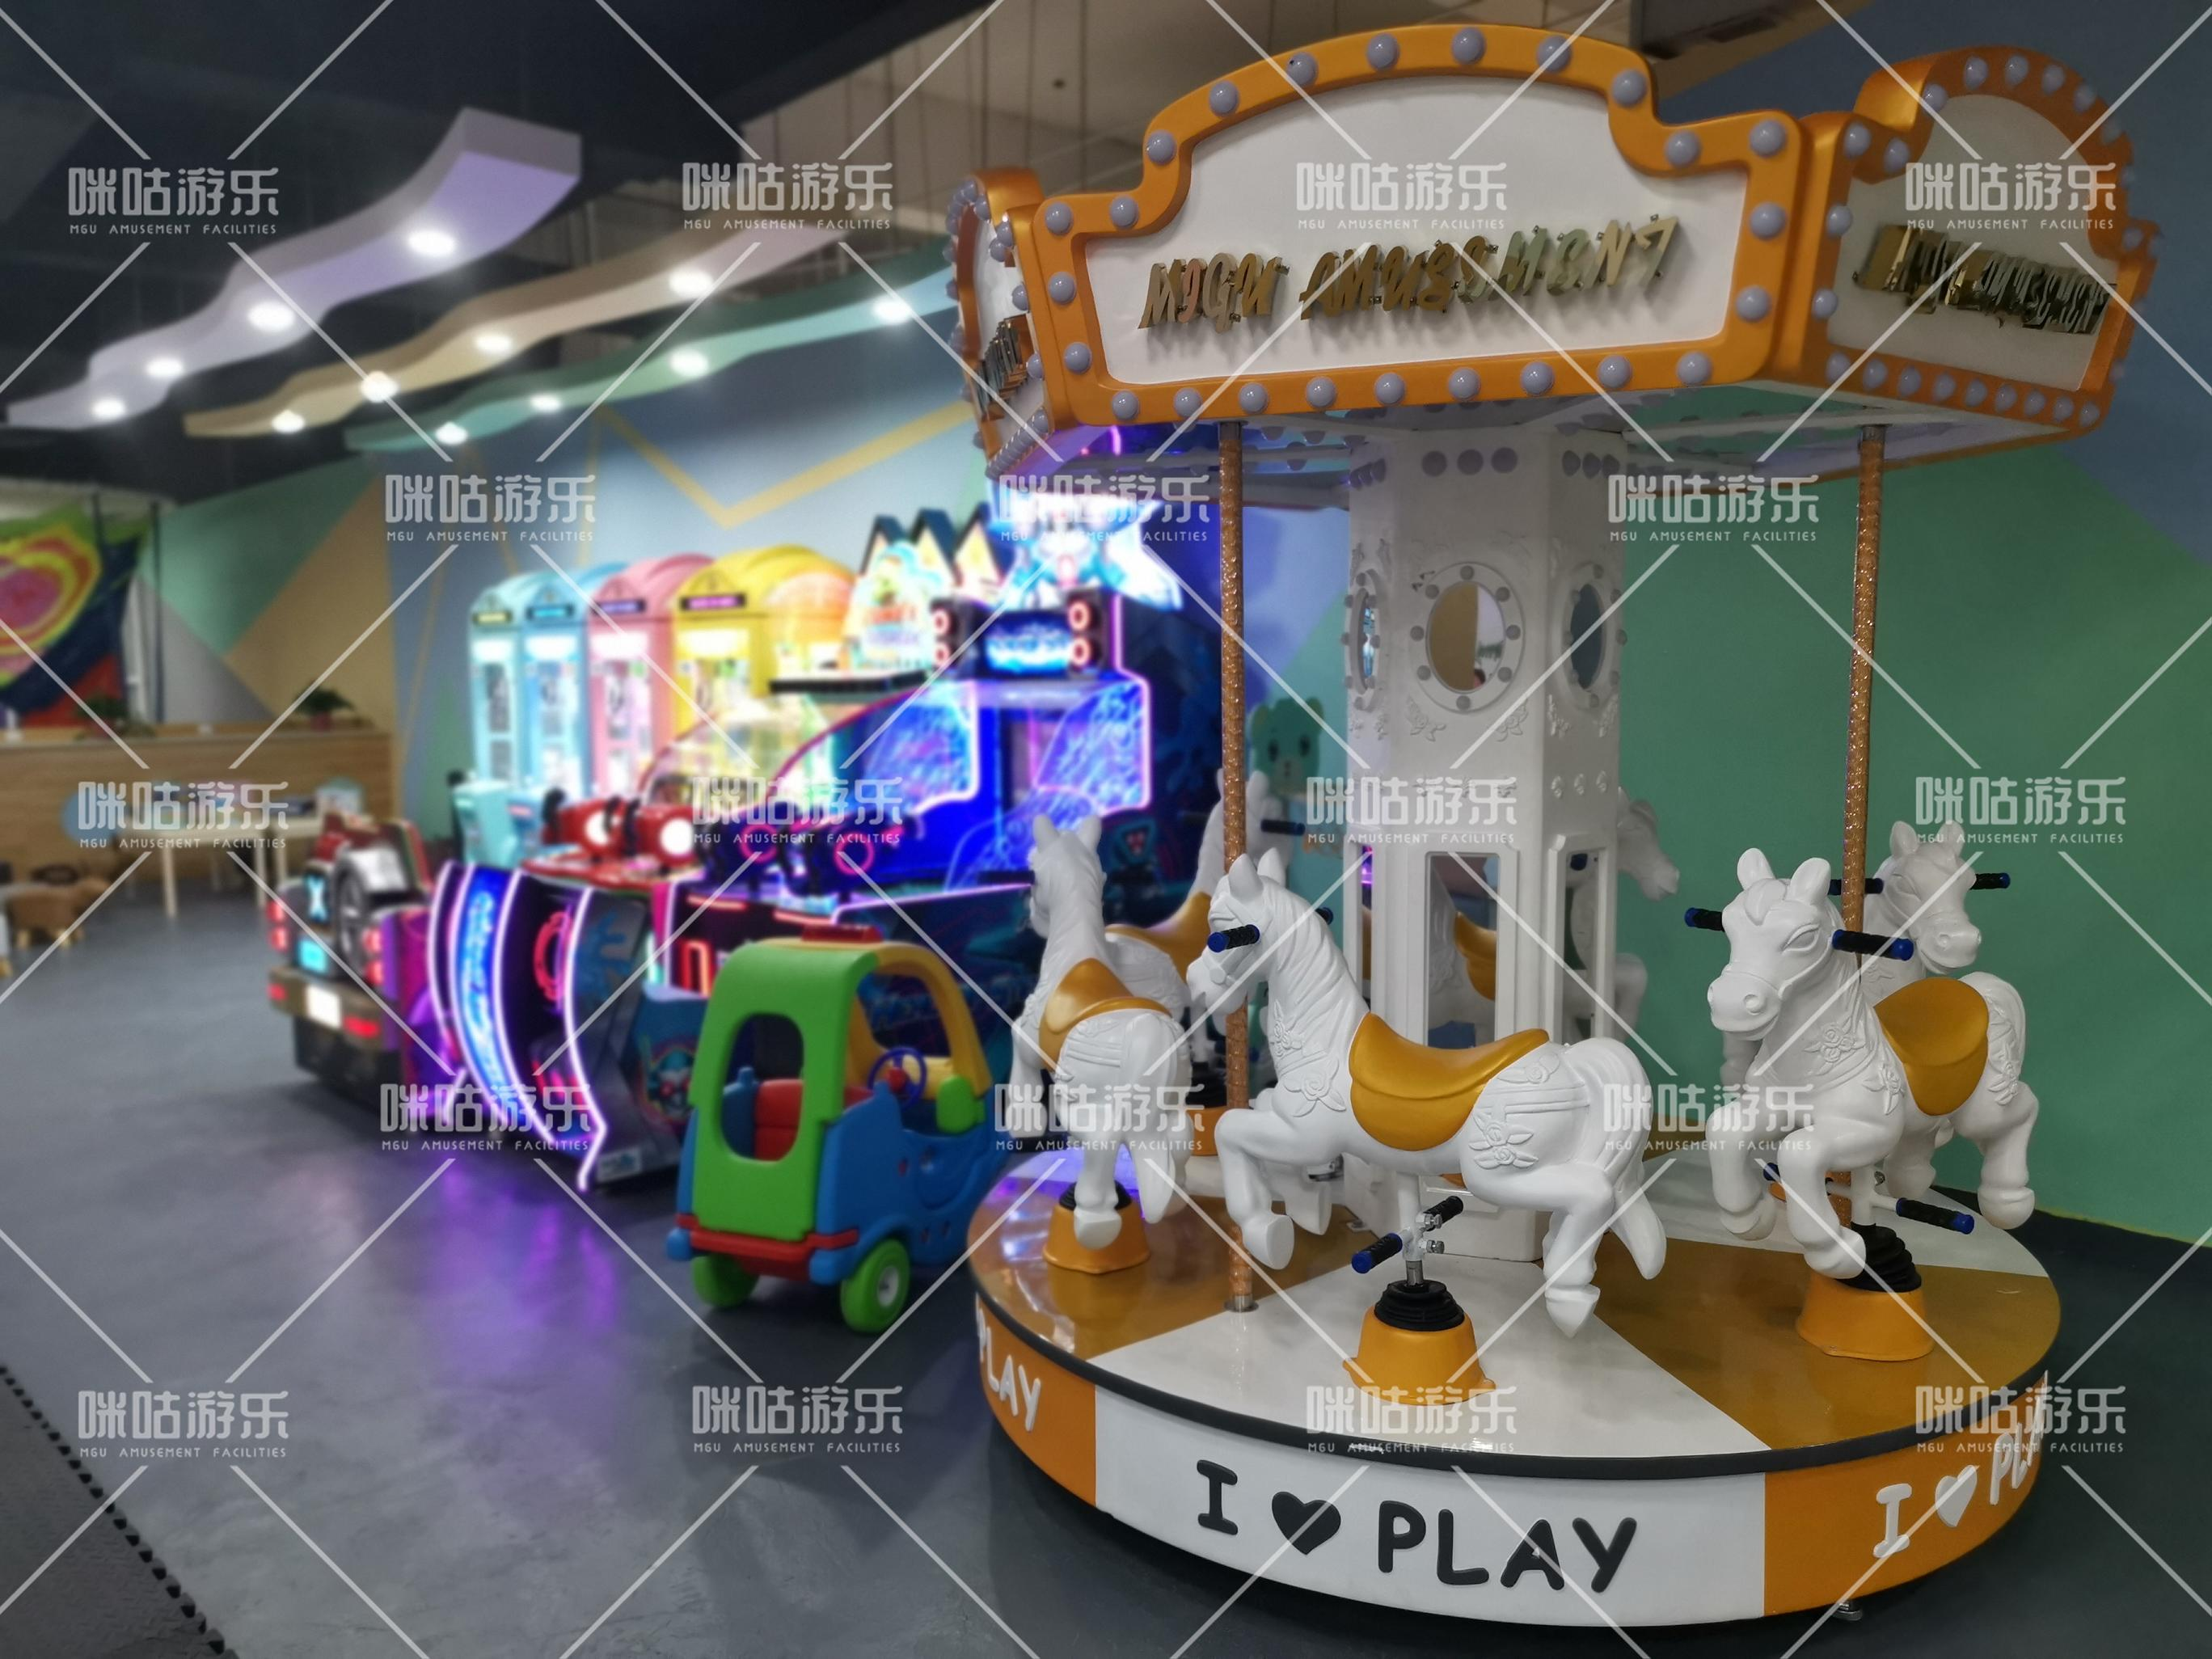 微信图片_20200429155907.jpg 运城儿童乐园选什么设备呢? 加盟资讯 游乐设备第3张